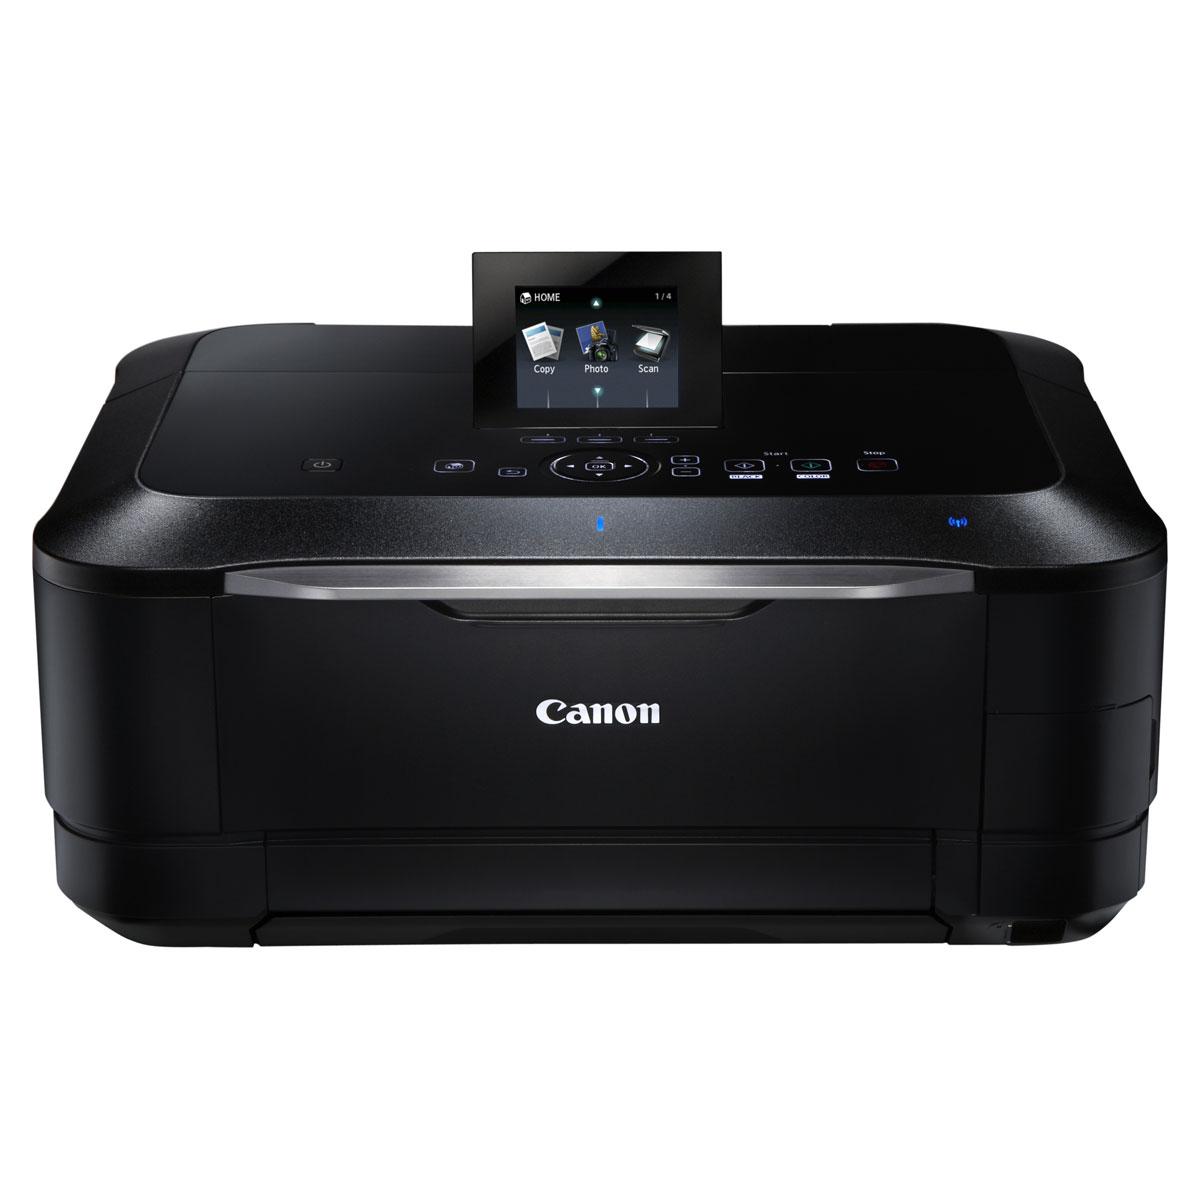 canon pixma mg8250 imprimante multifonction canon sur ldlc. Black Bedroom Furniture Sets. Home Design Ideas